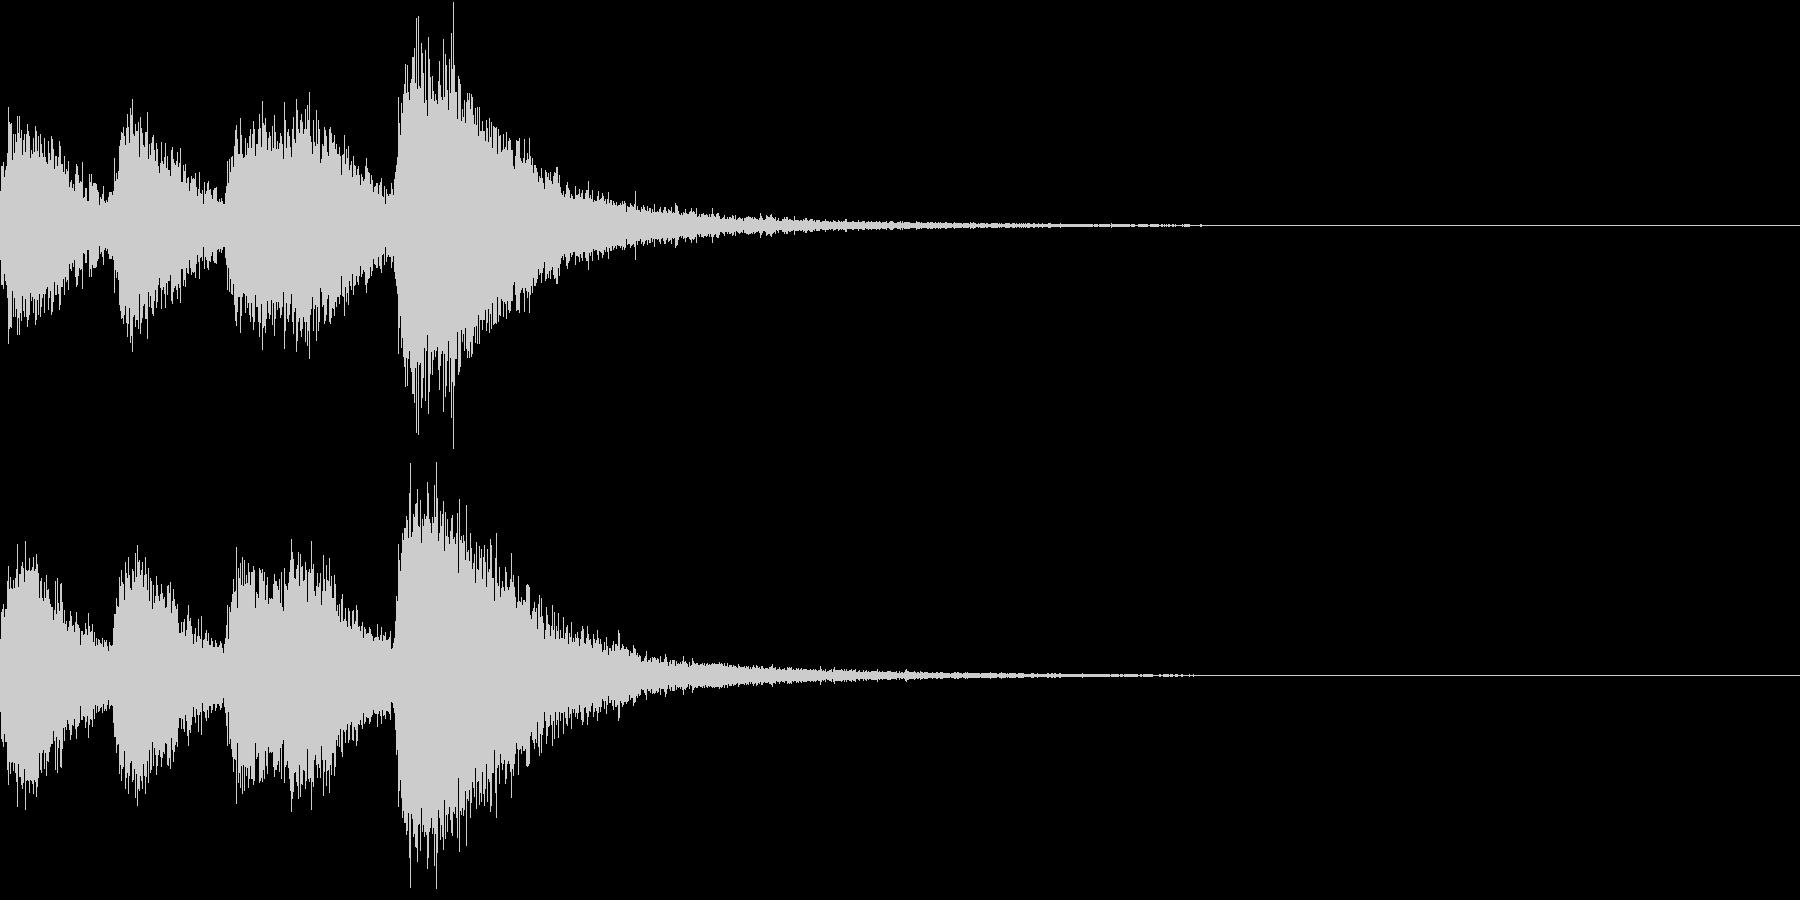 オーケストラヒット ジングル! 04+の未再生の波形